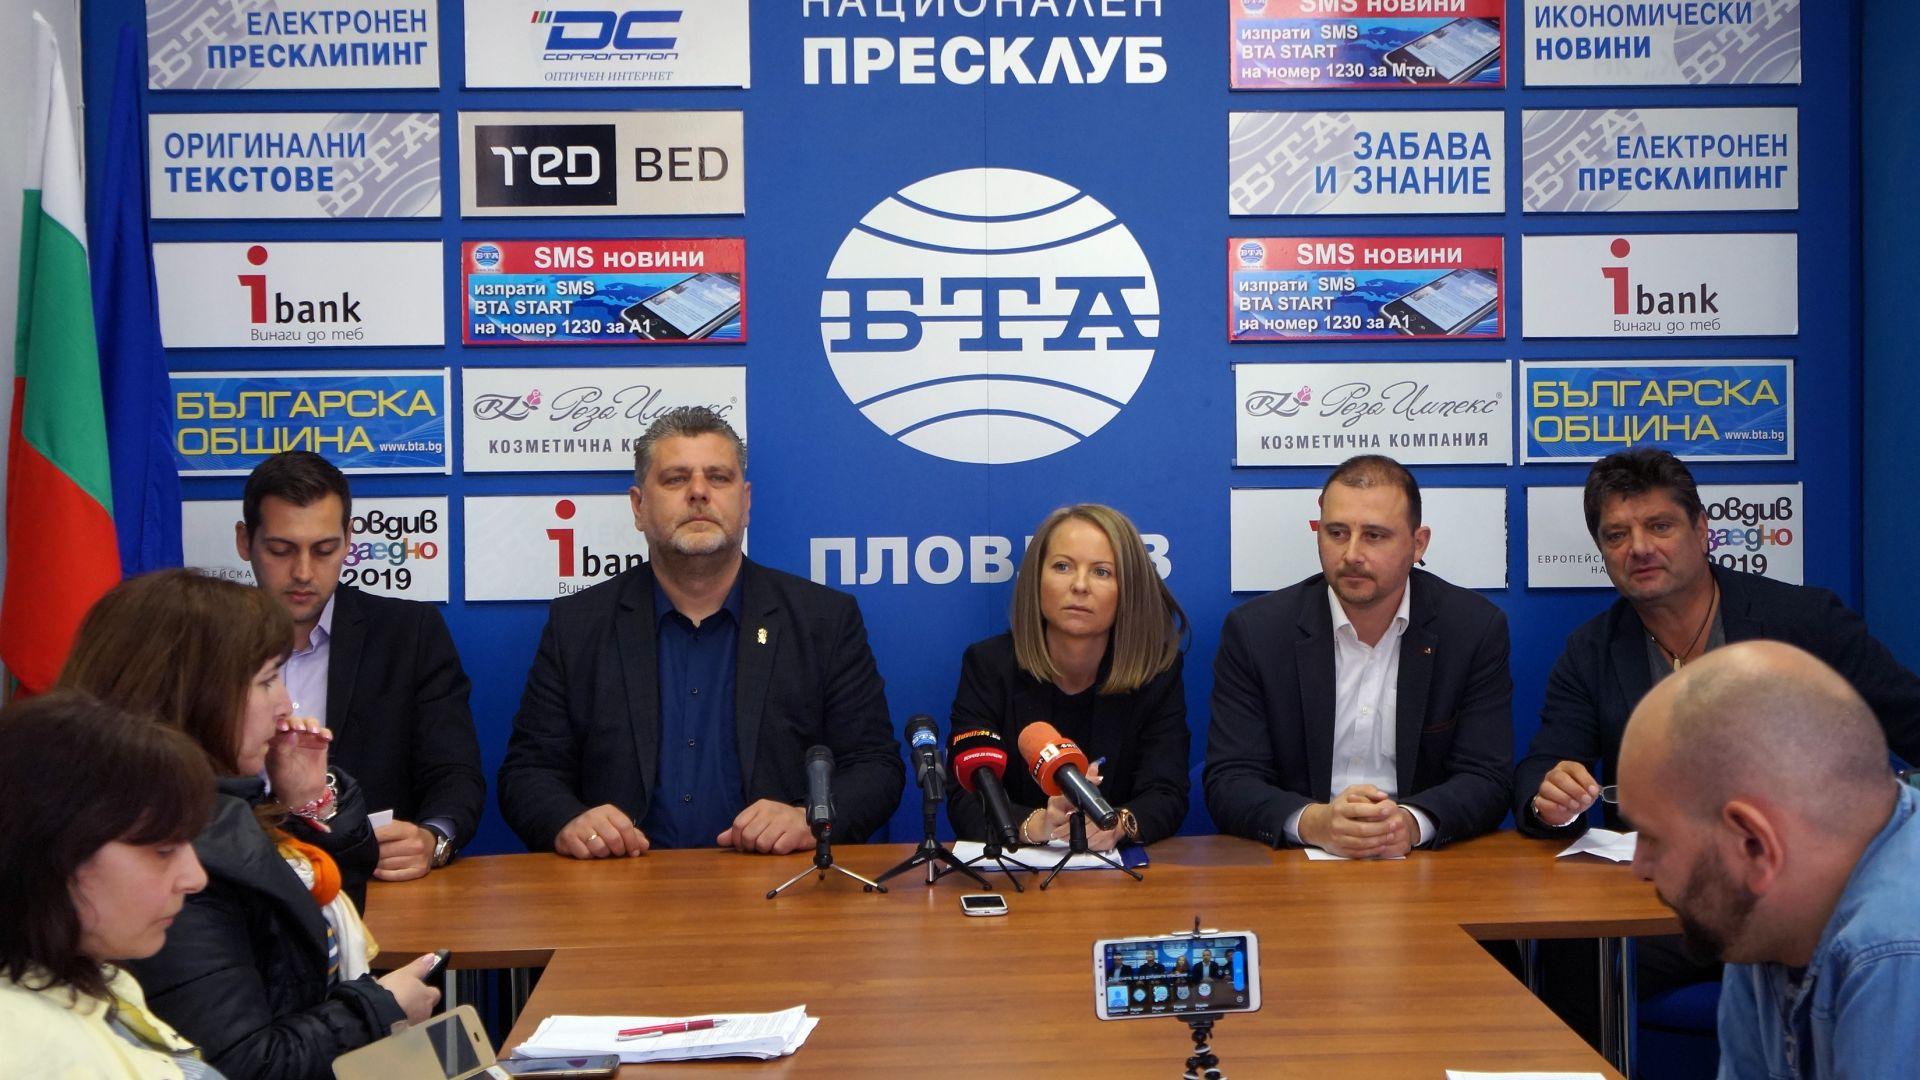 """Общински съветници от Пловдив искат оставки в """"Пловдив 2019"""""""